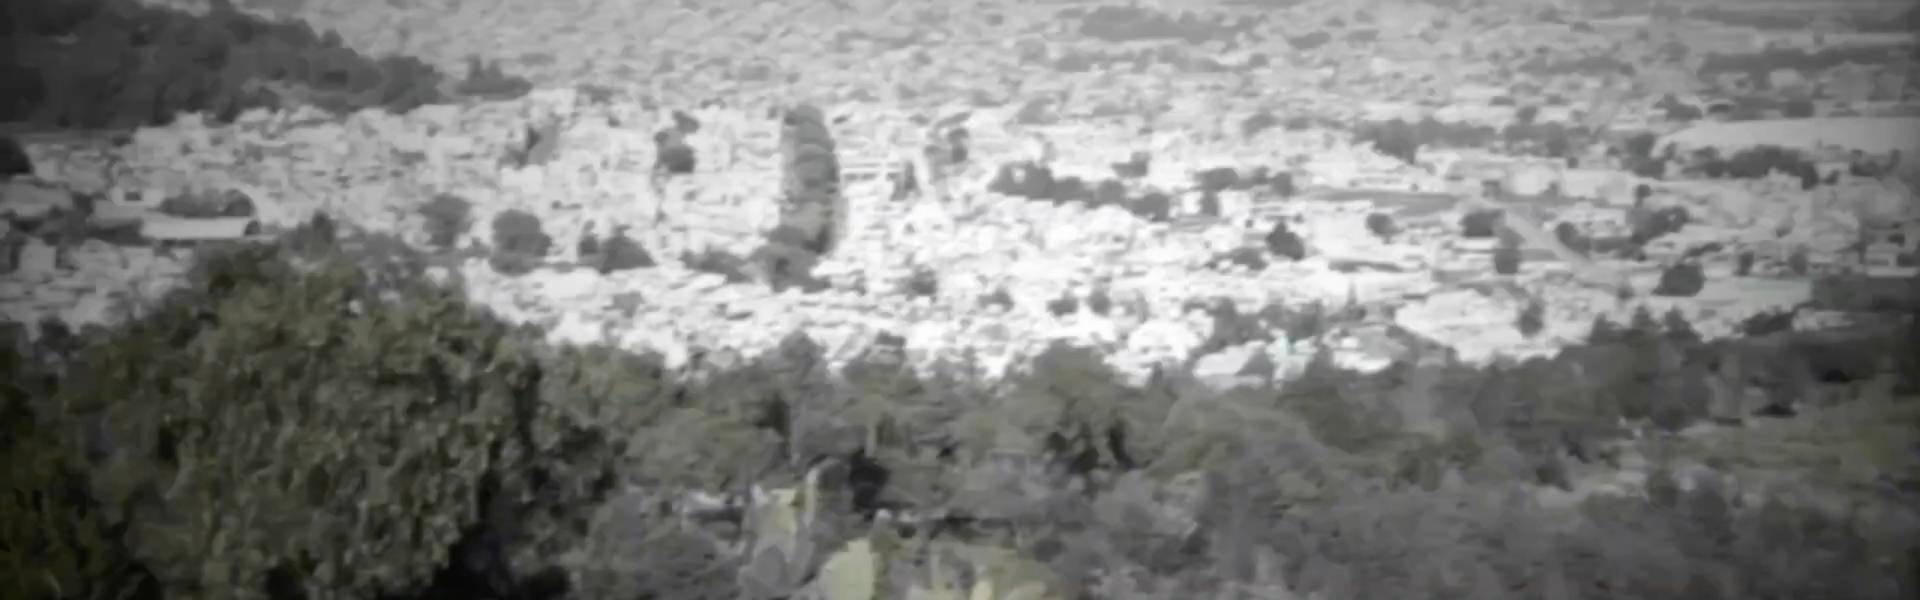 Captura de Pantalla 2021-08-08 a la(s) 19.52.33